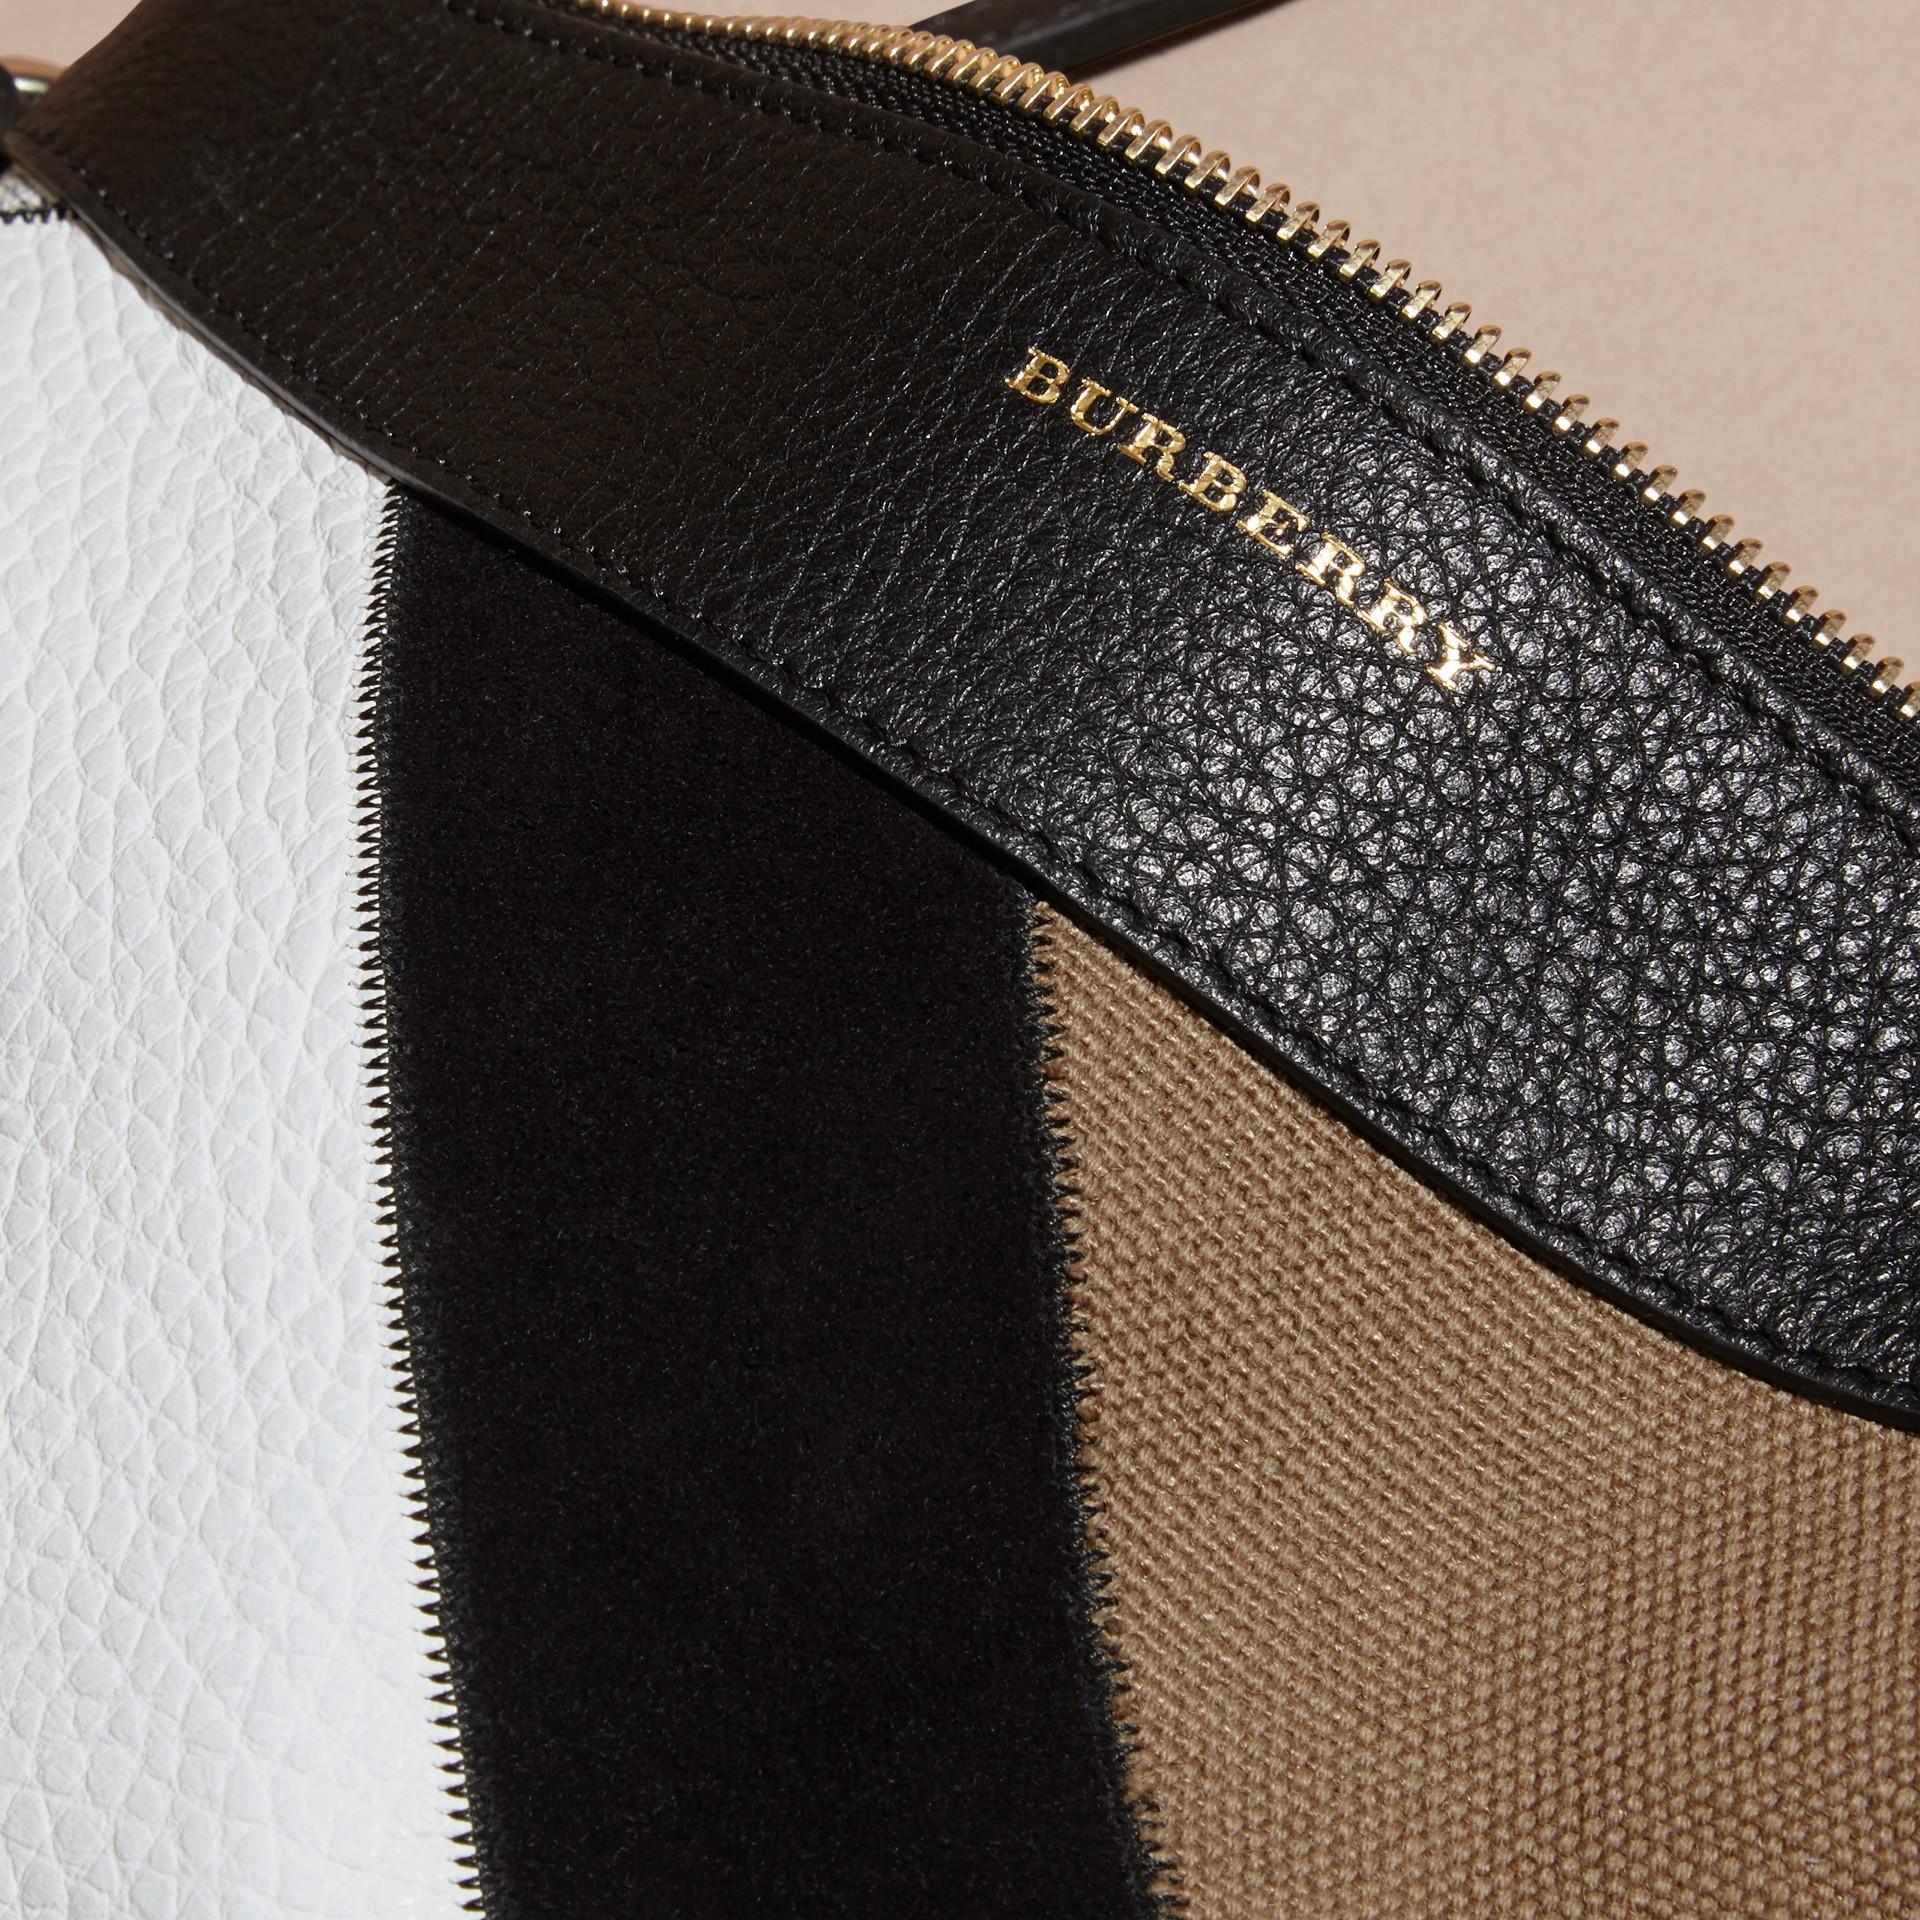 Nero Pochette in patchwork di pelle, pelle scamosciata, iuta e cotone con motivo tartan - immagine della galleria 2